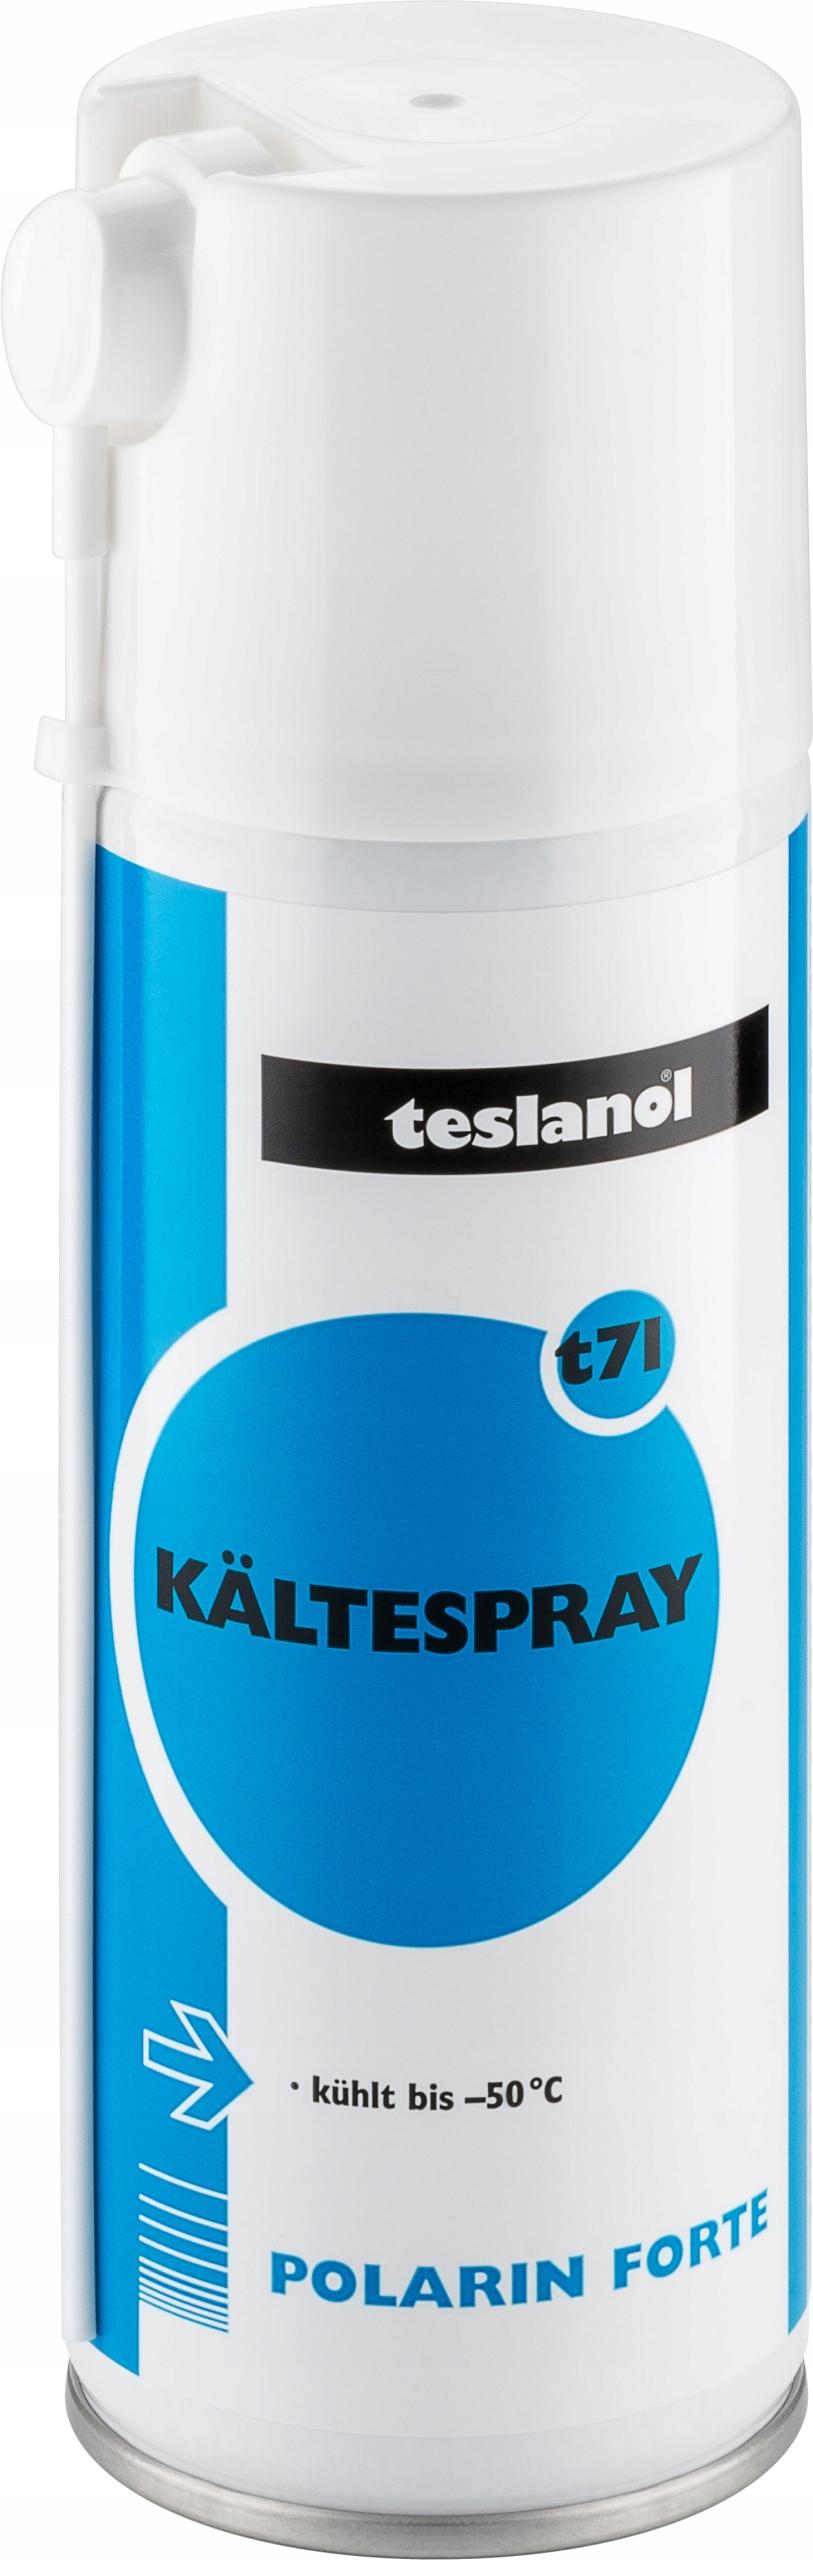 Спрей Teslanol T71 200 мл охлаждение электроники